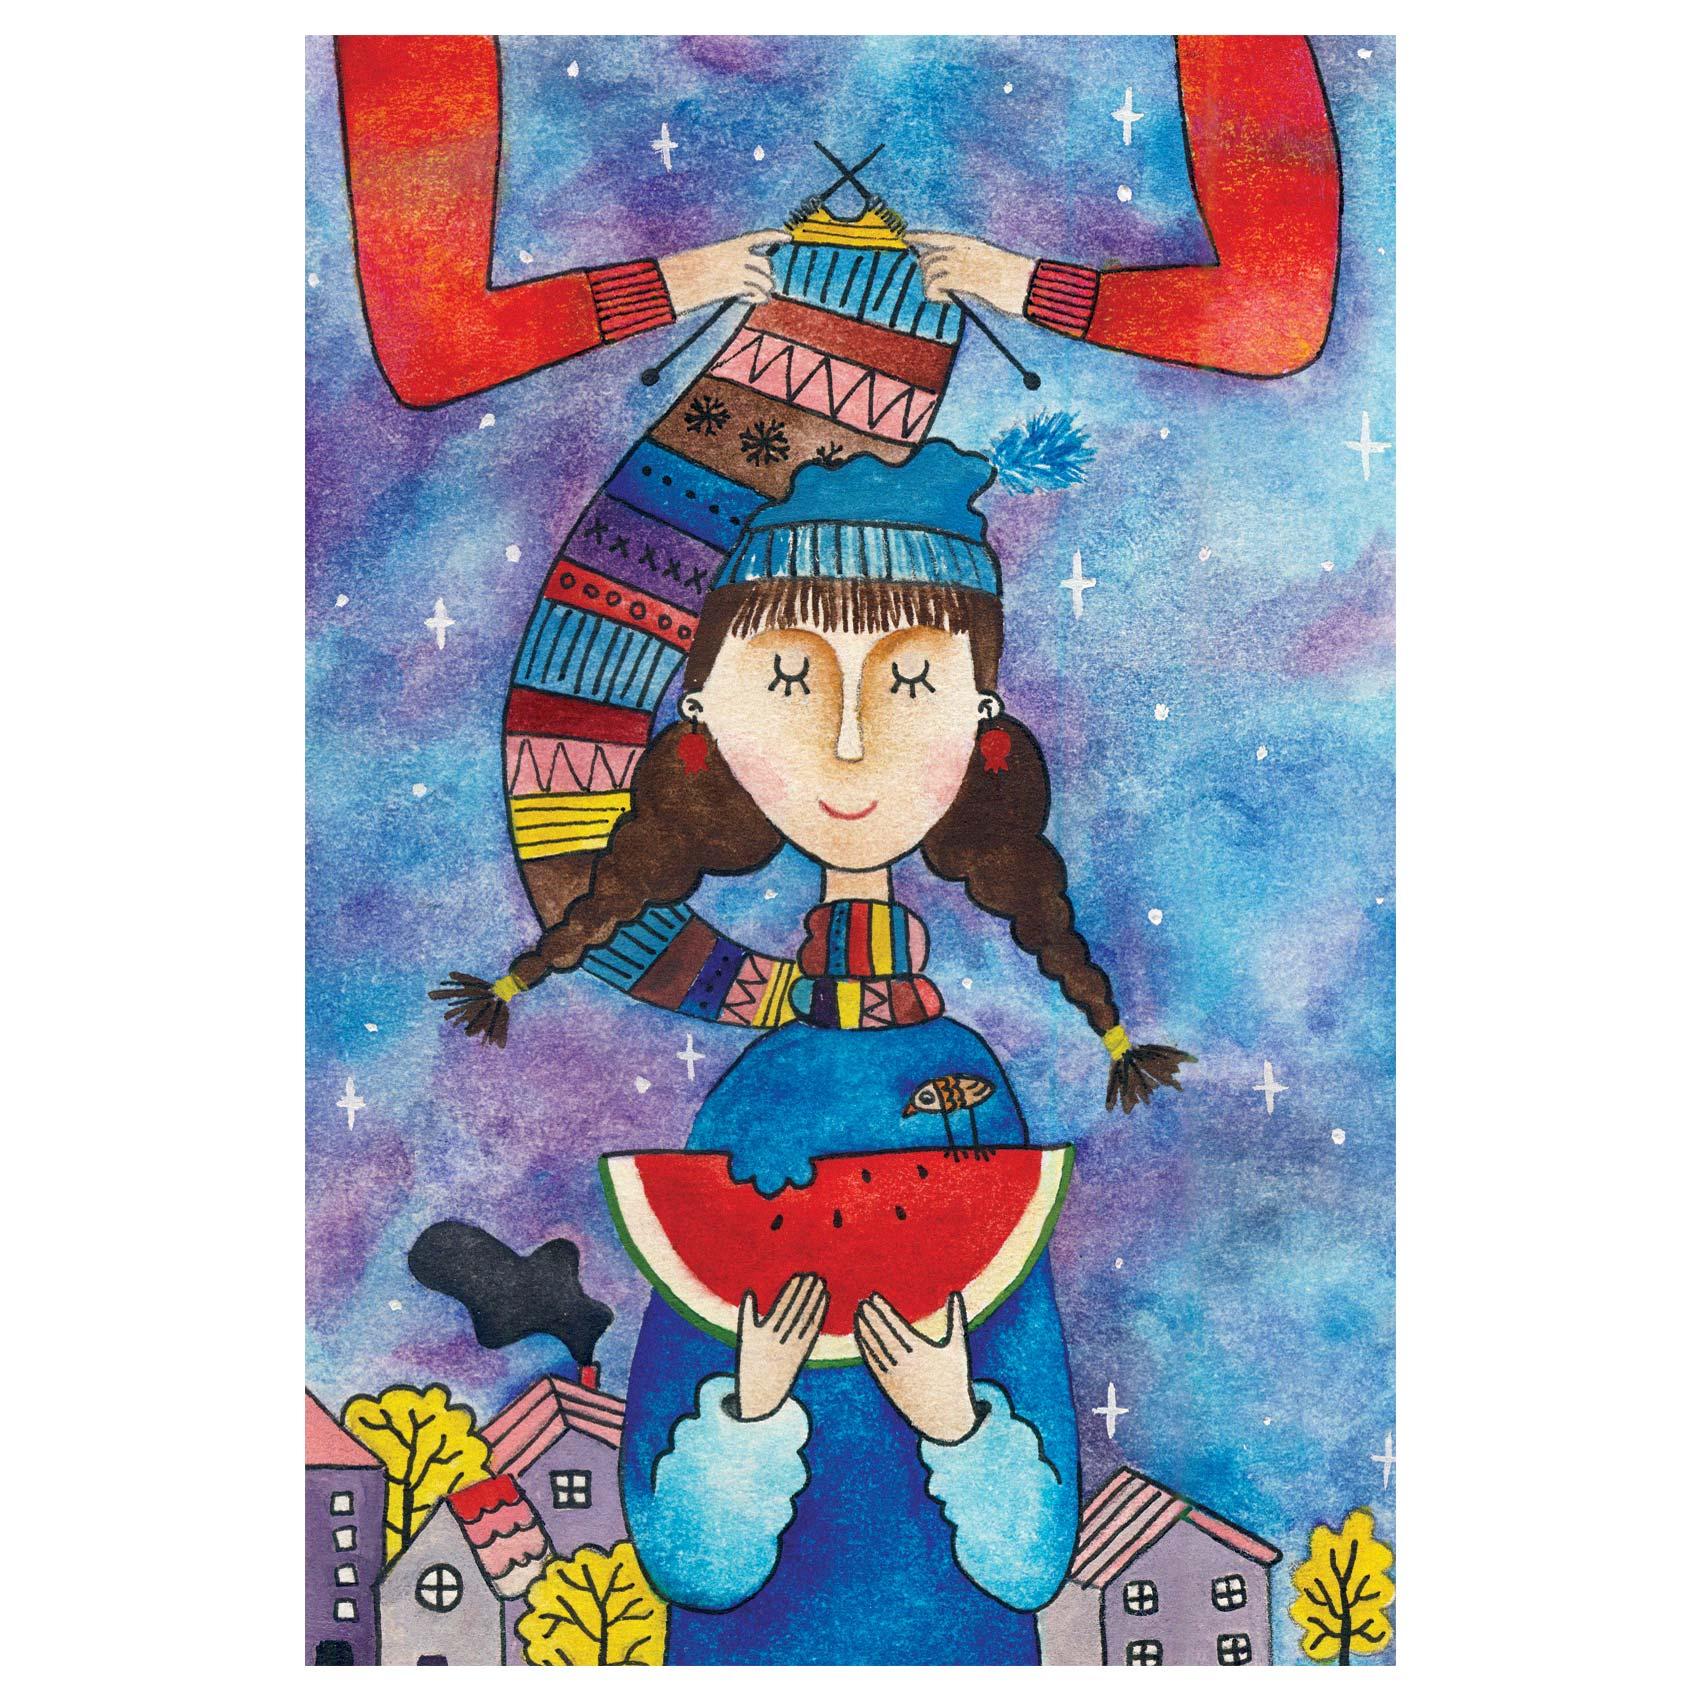 کارت پستال انتشارات سیبان مدل دخترک زمستانی